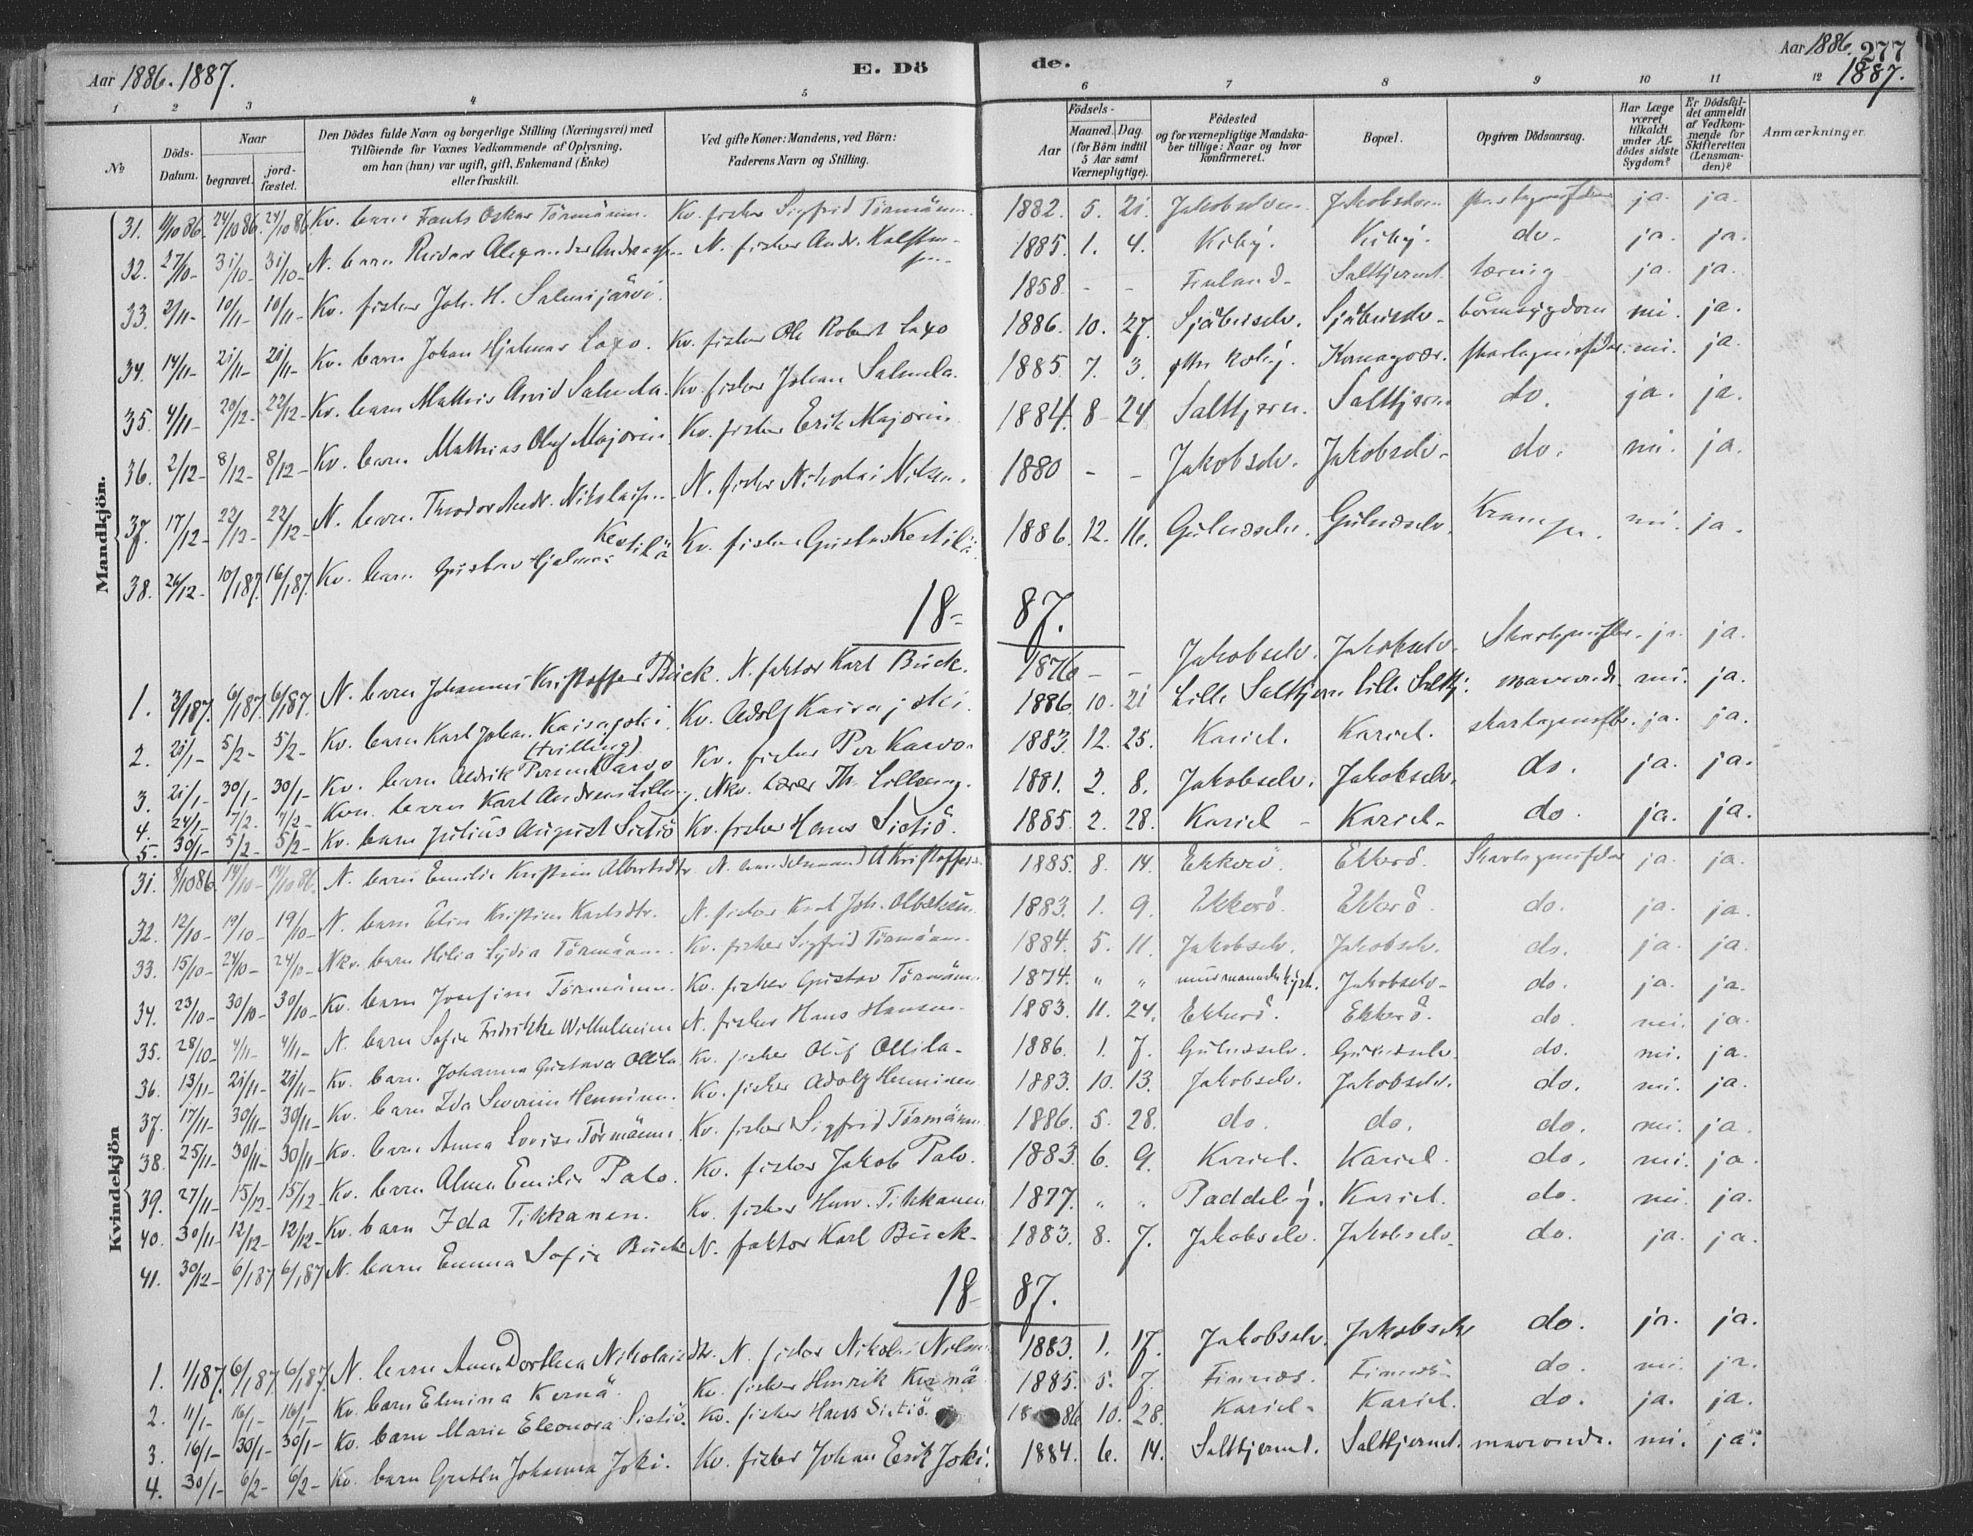 SATØ, Vadsø sokneprestkontor, H/Ha/L0009kirke: Ministerialbok nr. 9, 1881-1917, s. 277